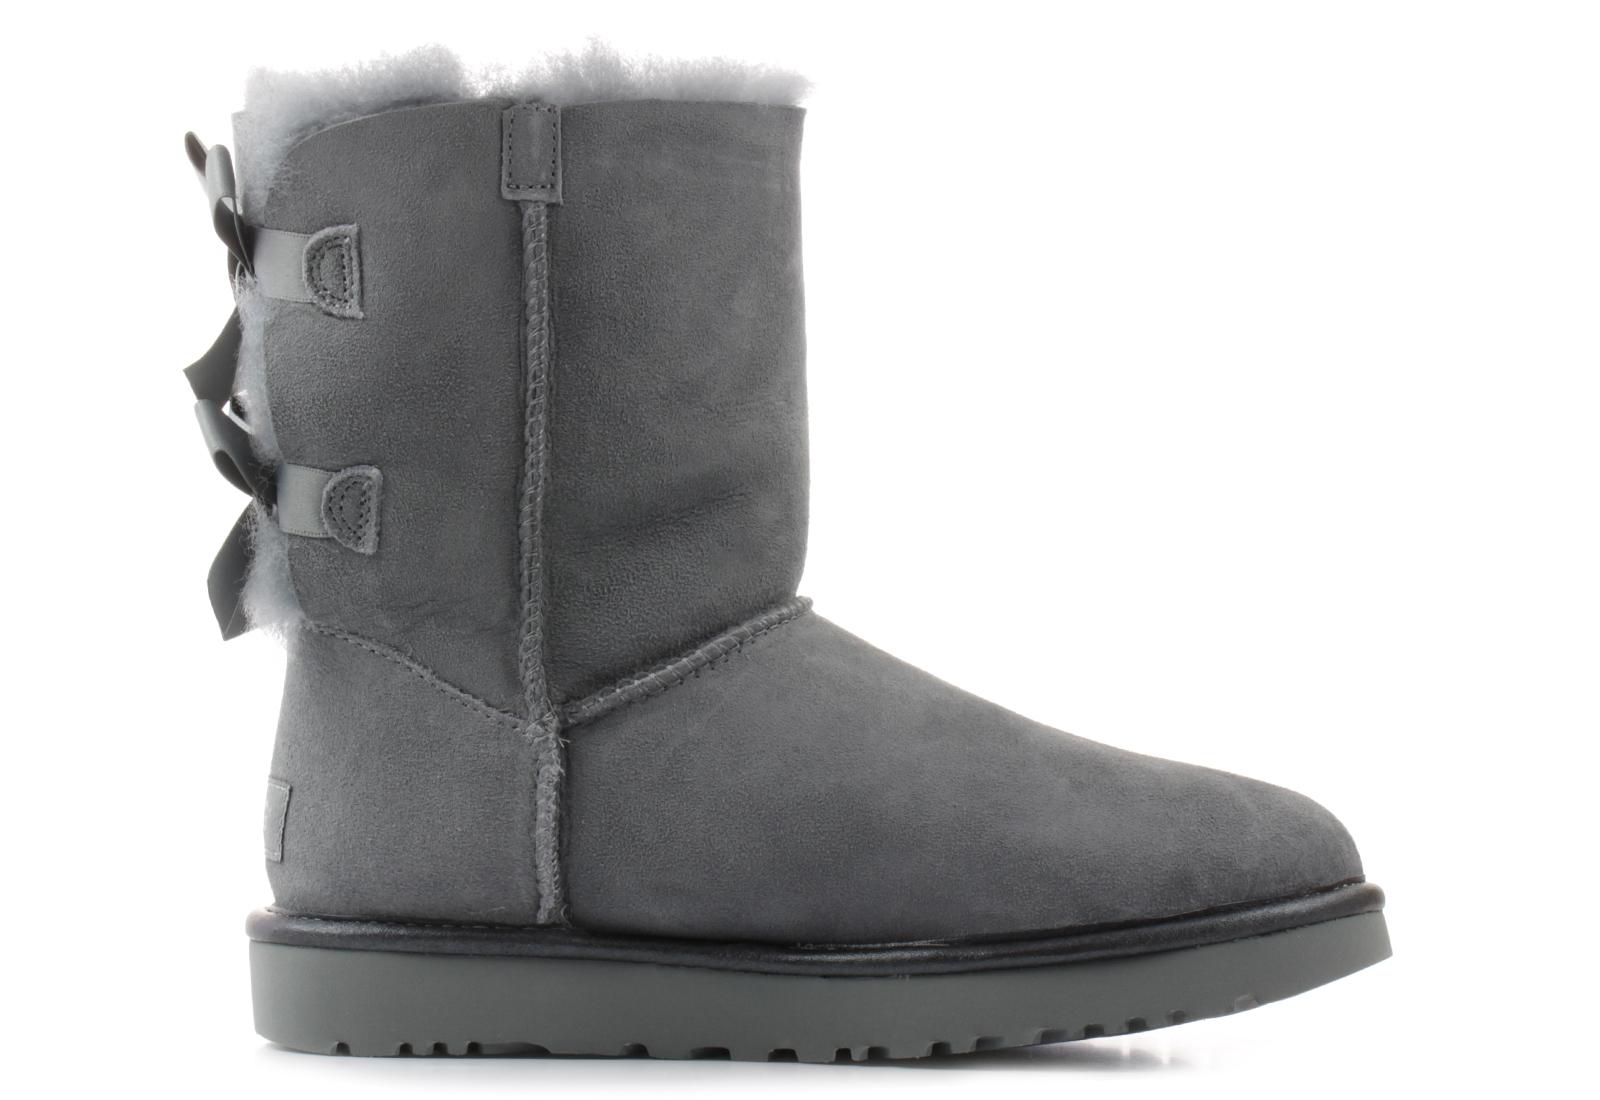 Ugg Boots Bailey Bow Ii Metallic 1019034 Gys Online